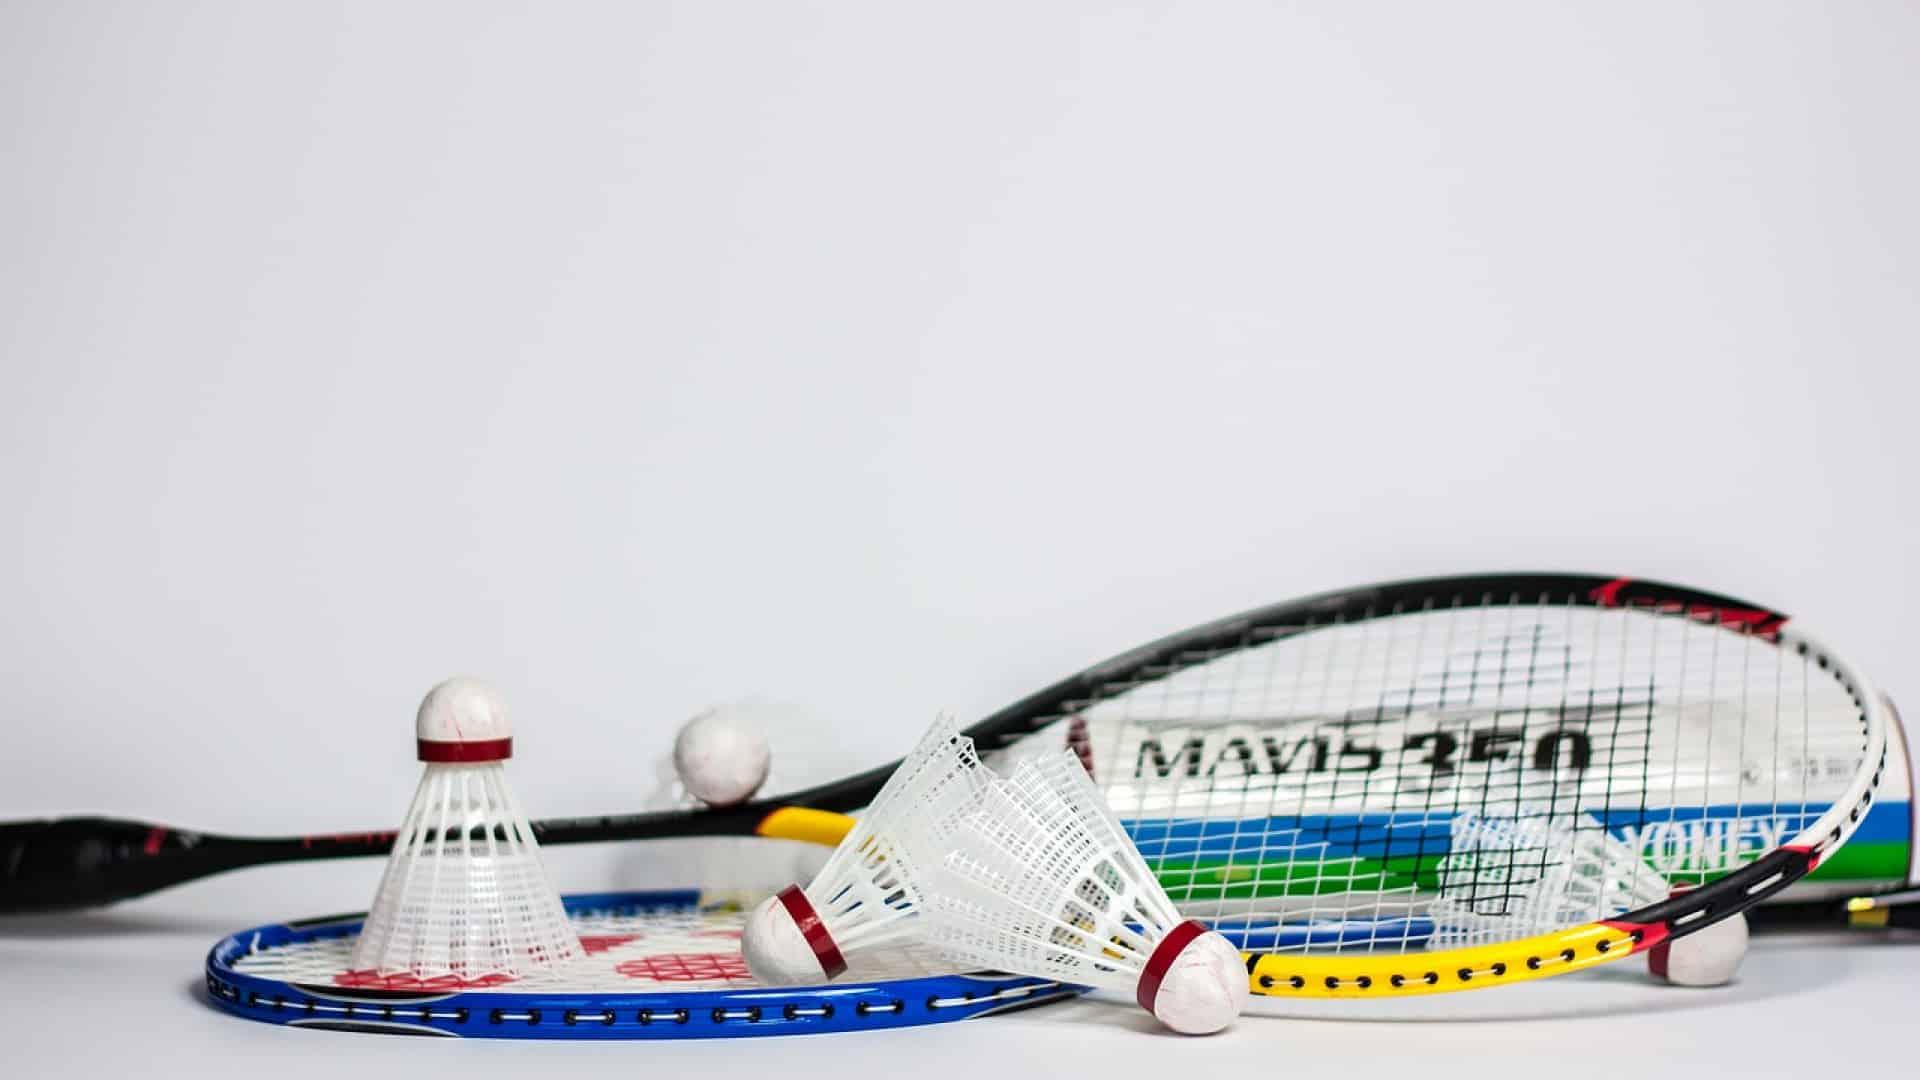 Gagnez des points au badminton